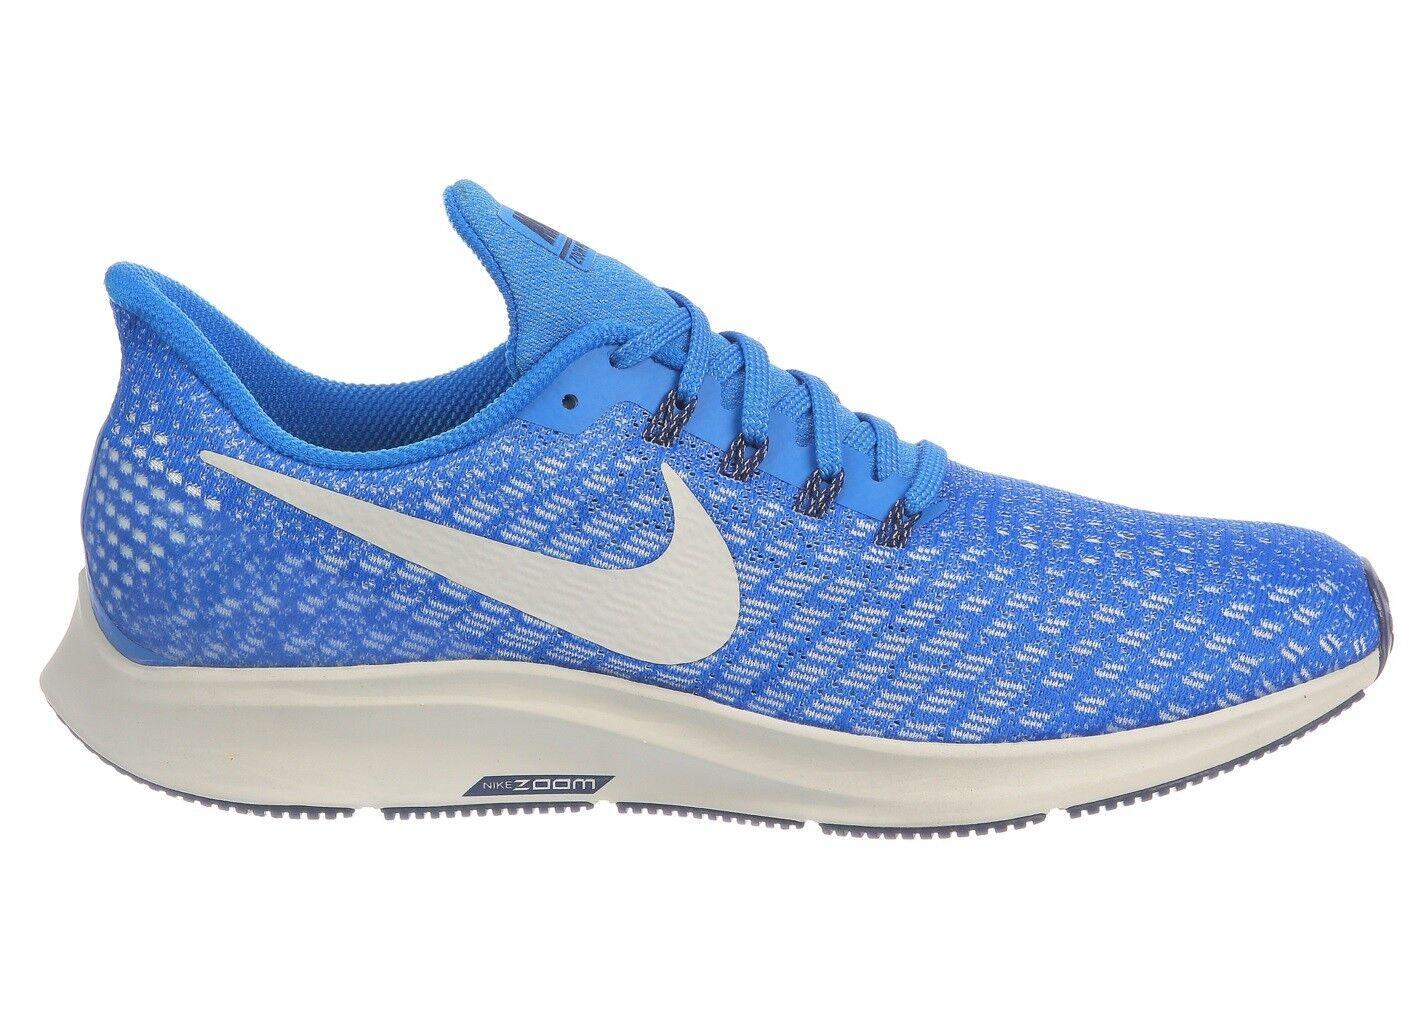 Nike air air Nike zoom pegasus 35  942851-402 kobalt blaze laufschuhe  11. a837a7